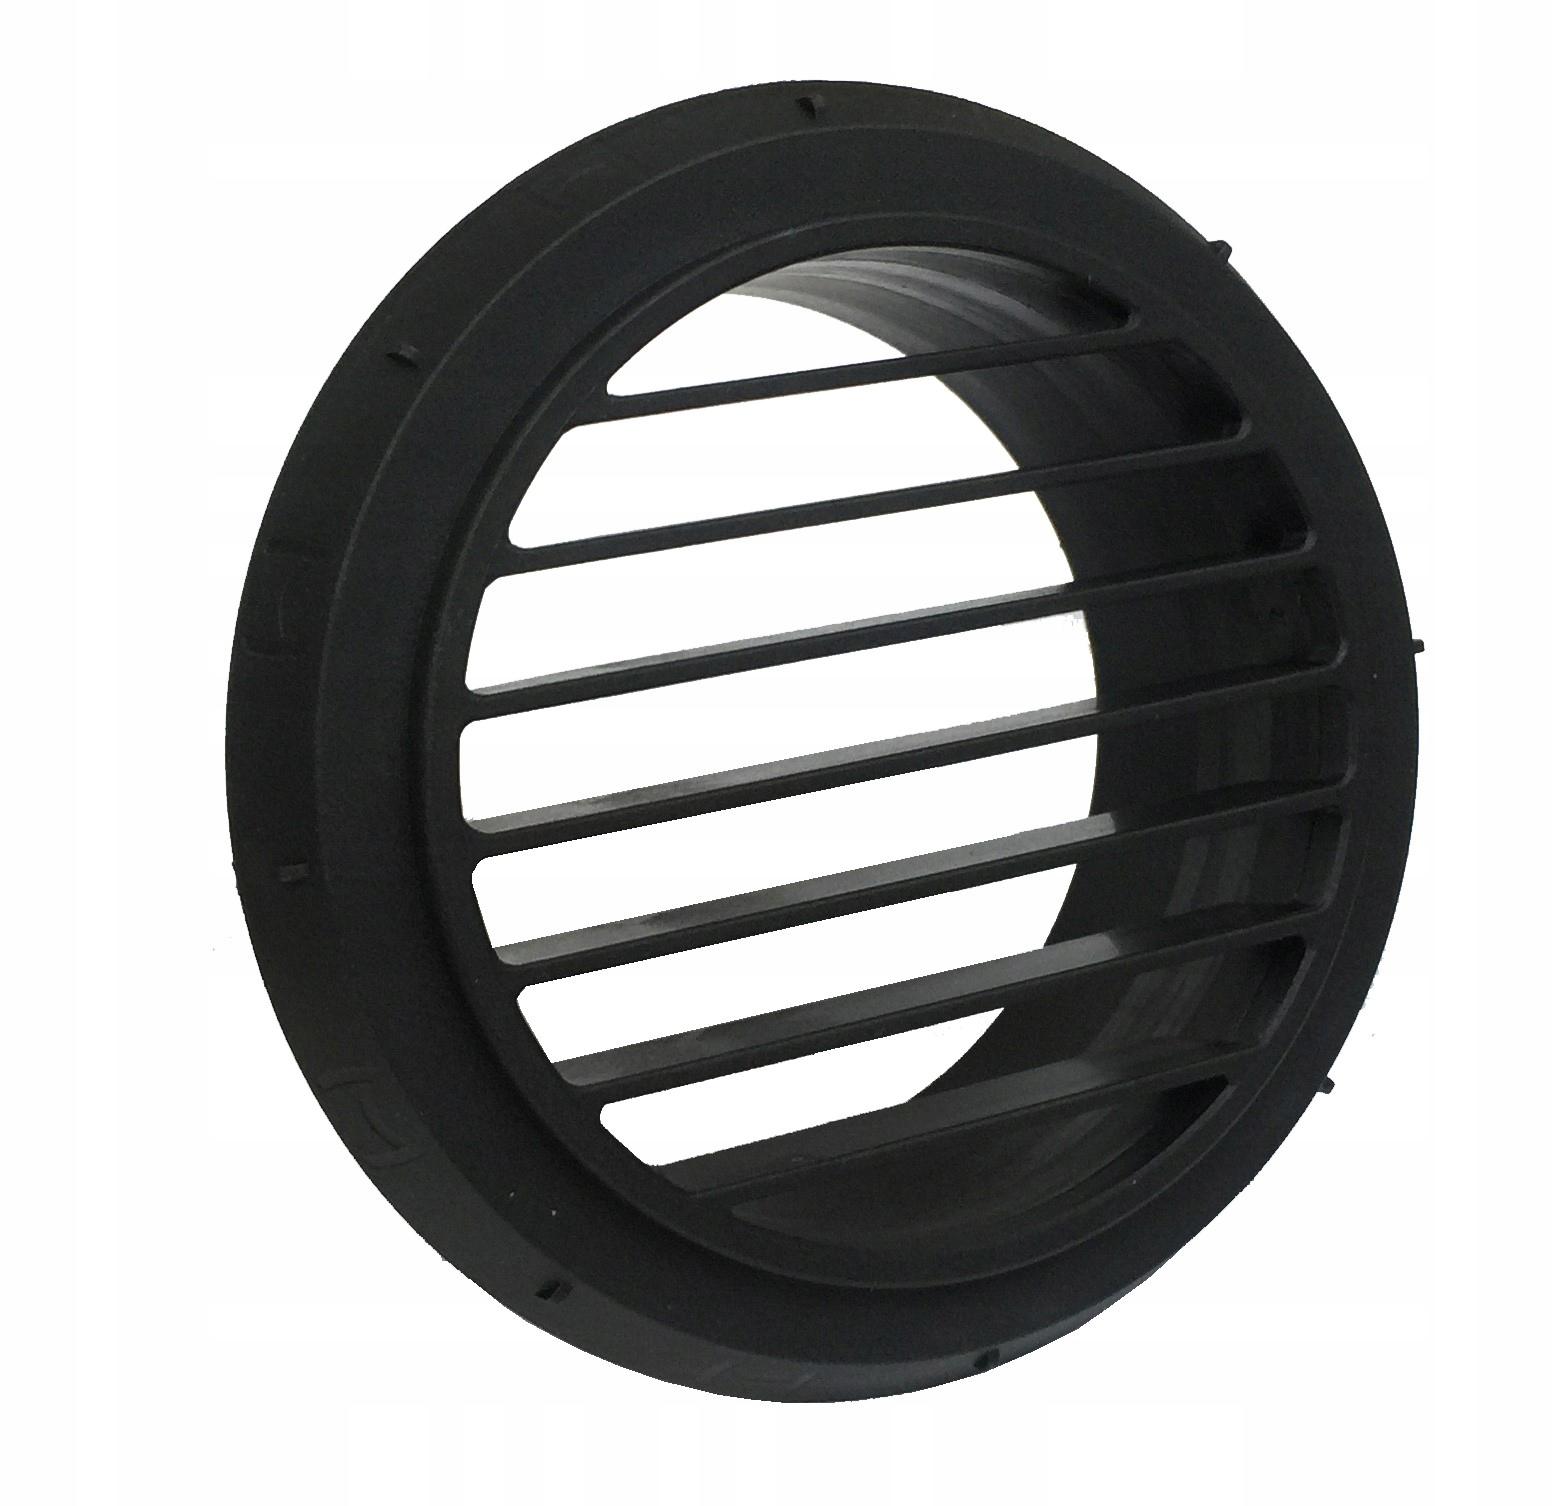 выход воздуха fi 90mm webasto черный - 1320932a